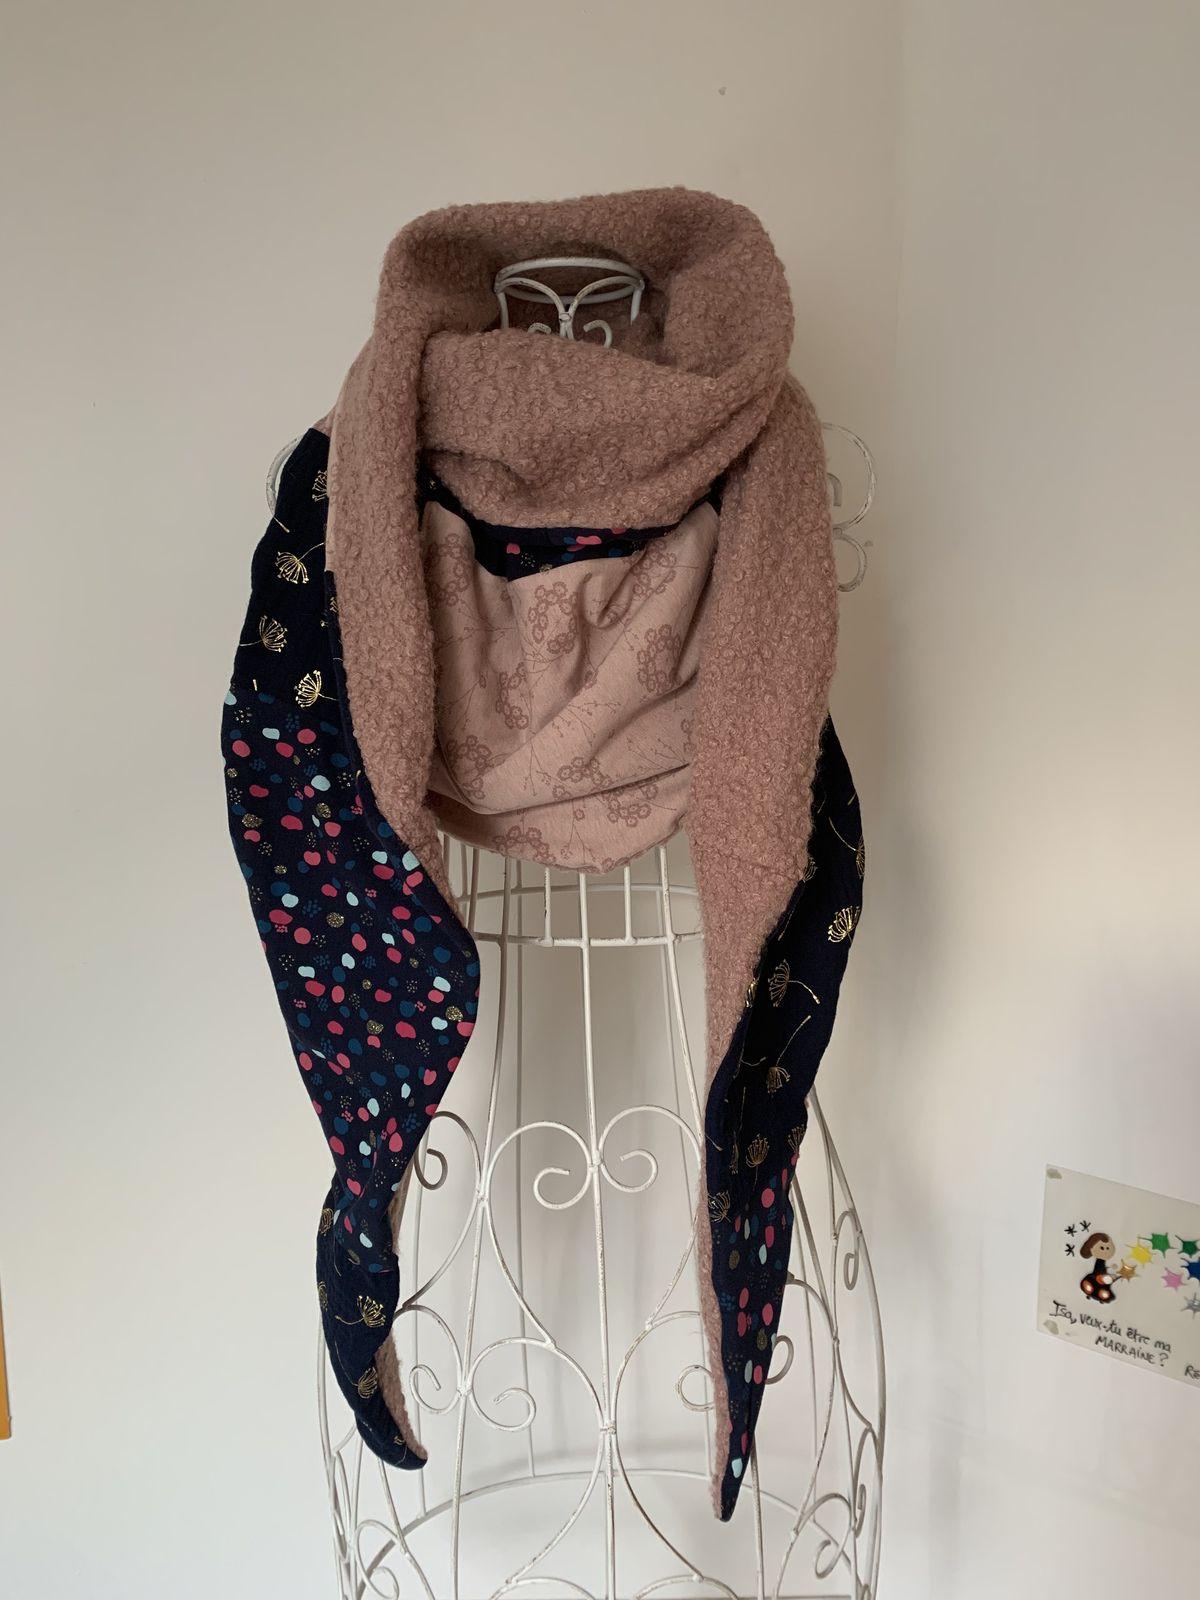 Nouveaux foulards dispo tout peps